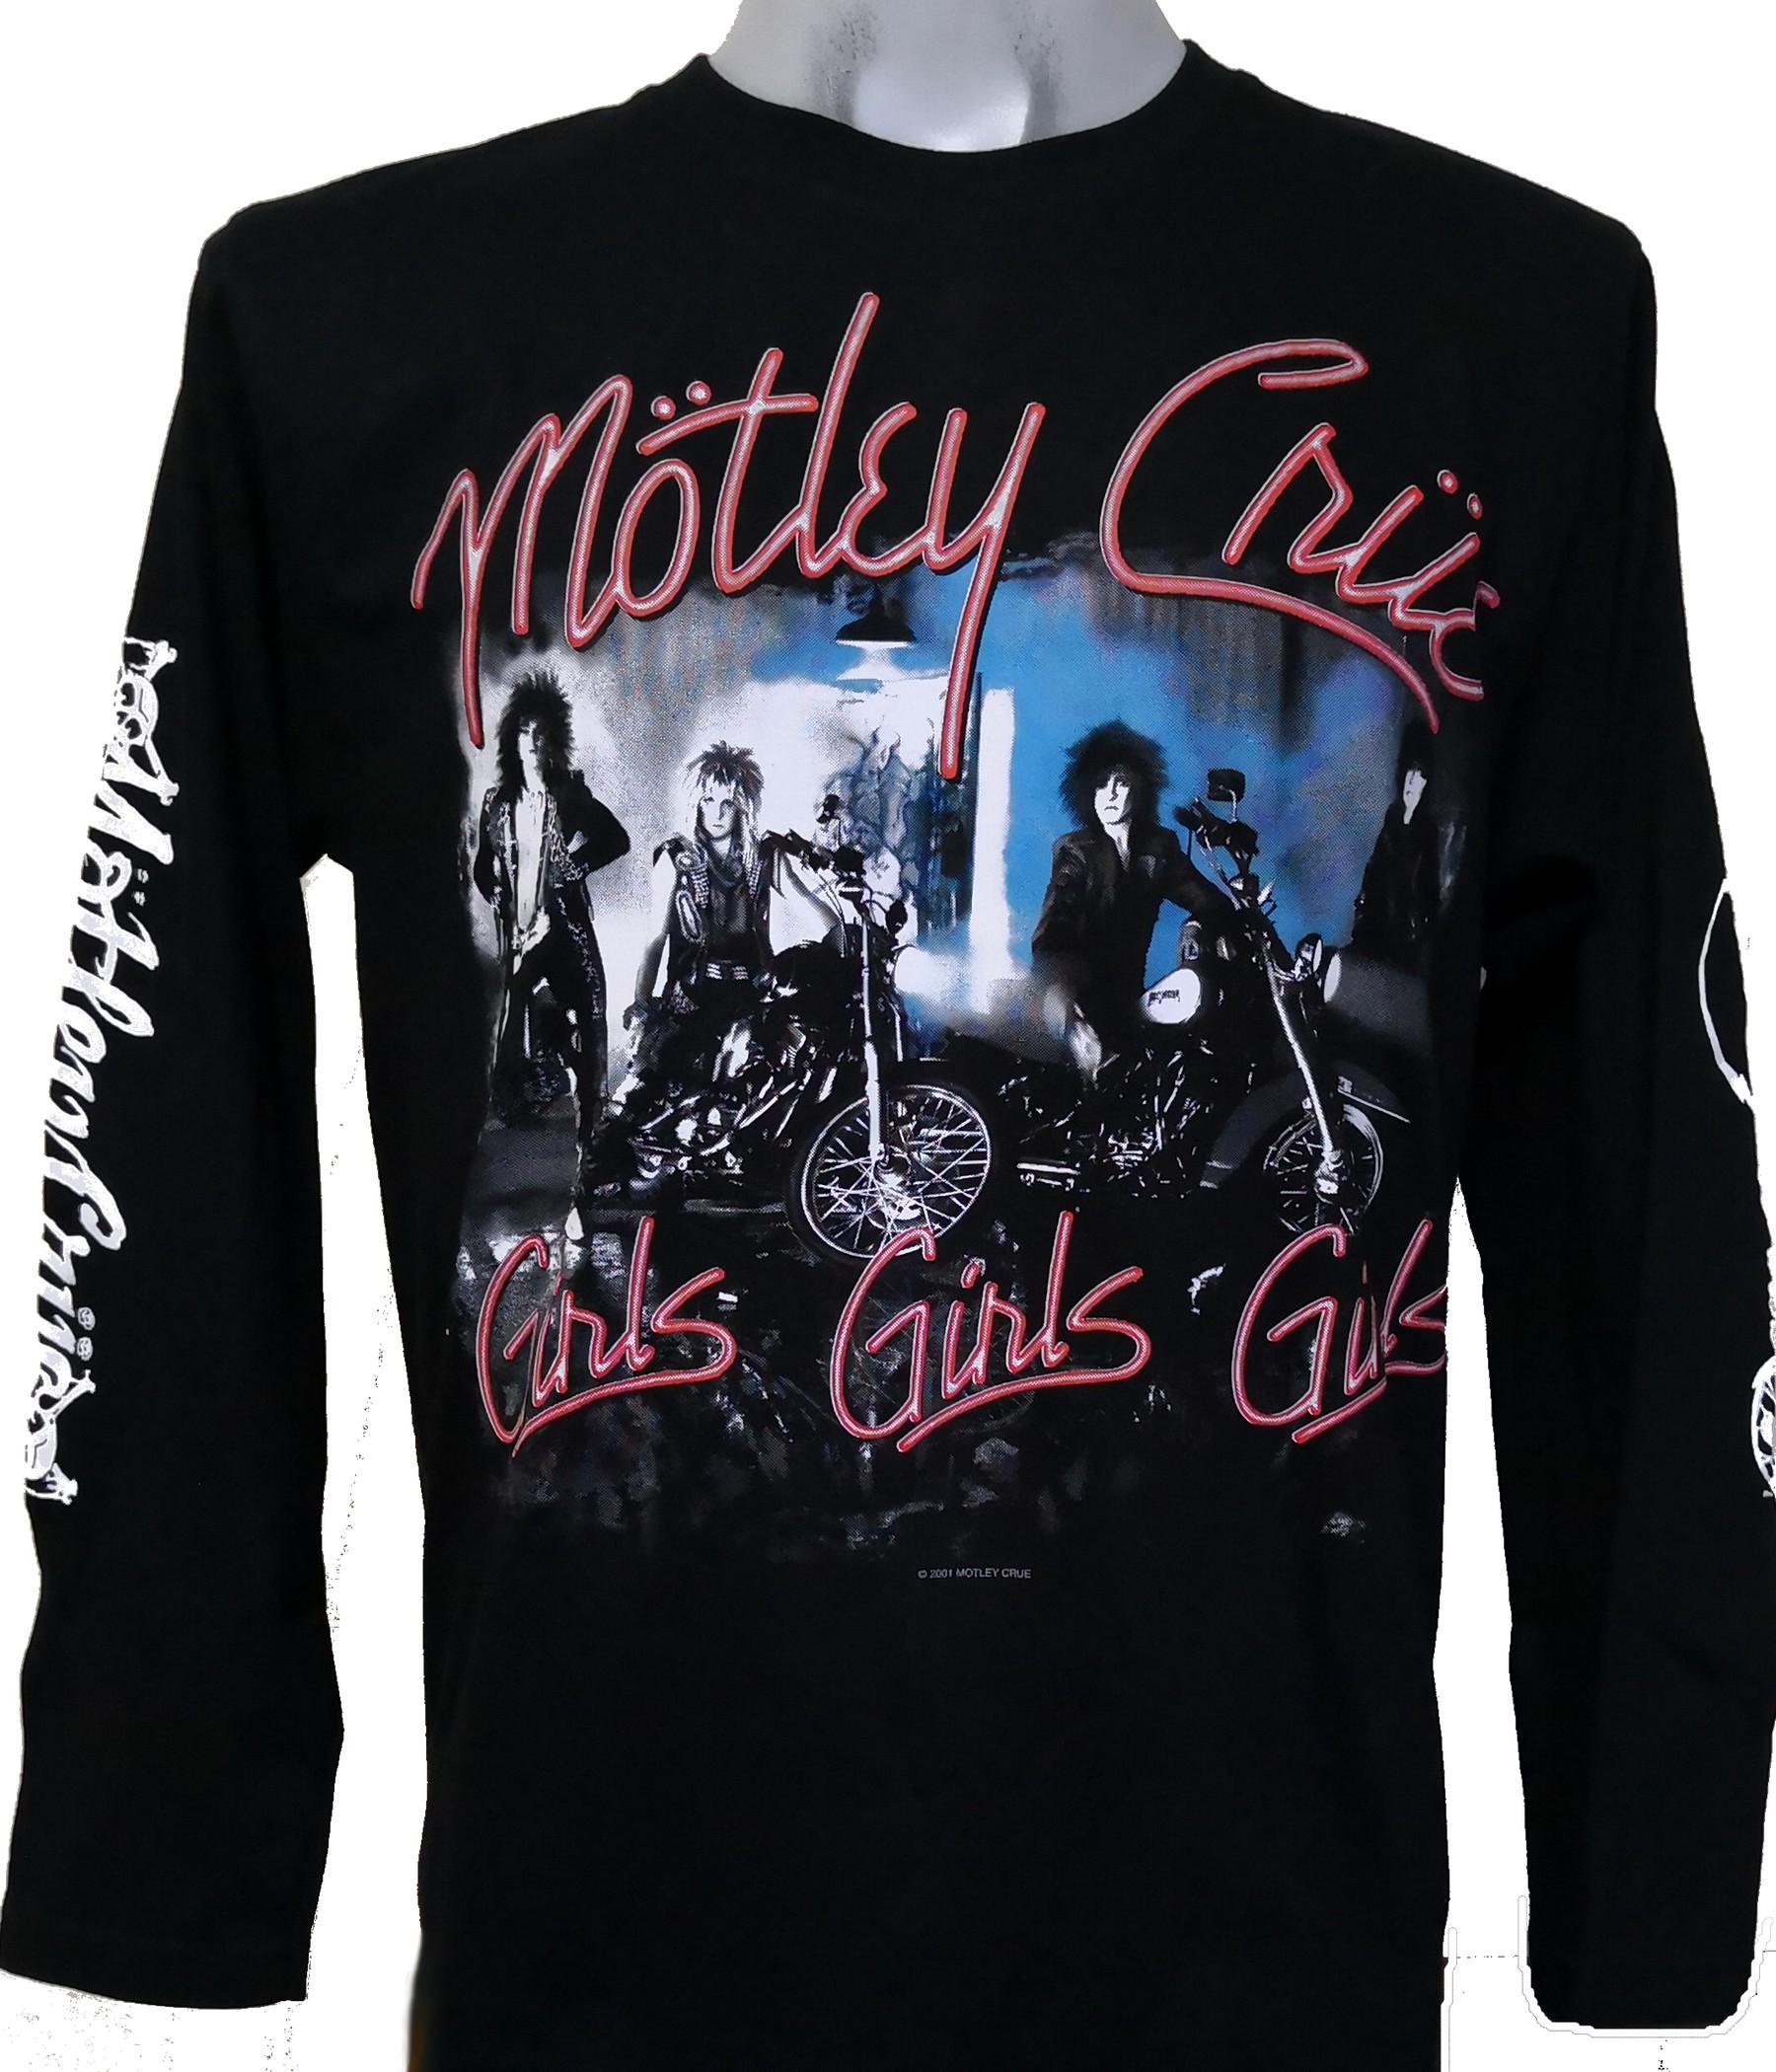 4a83484baf5a Mötley Crüe long-sleeved t-shirt Girls Girls Girls size M – RoxxBKK